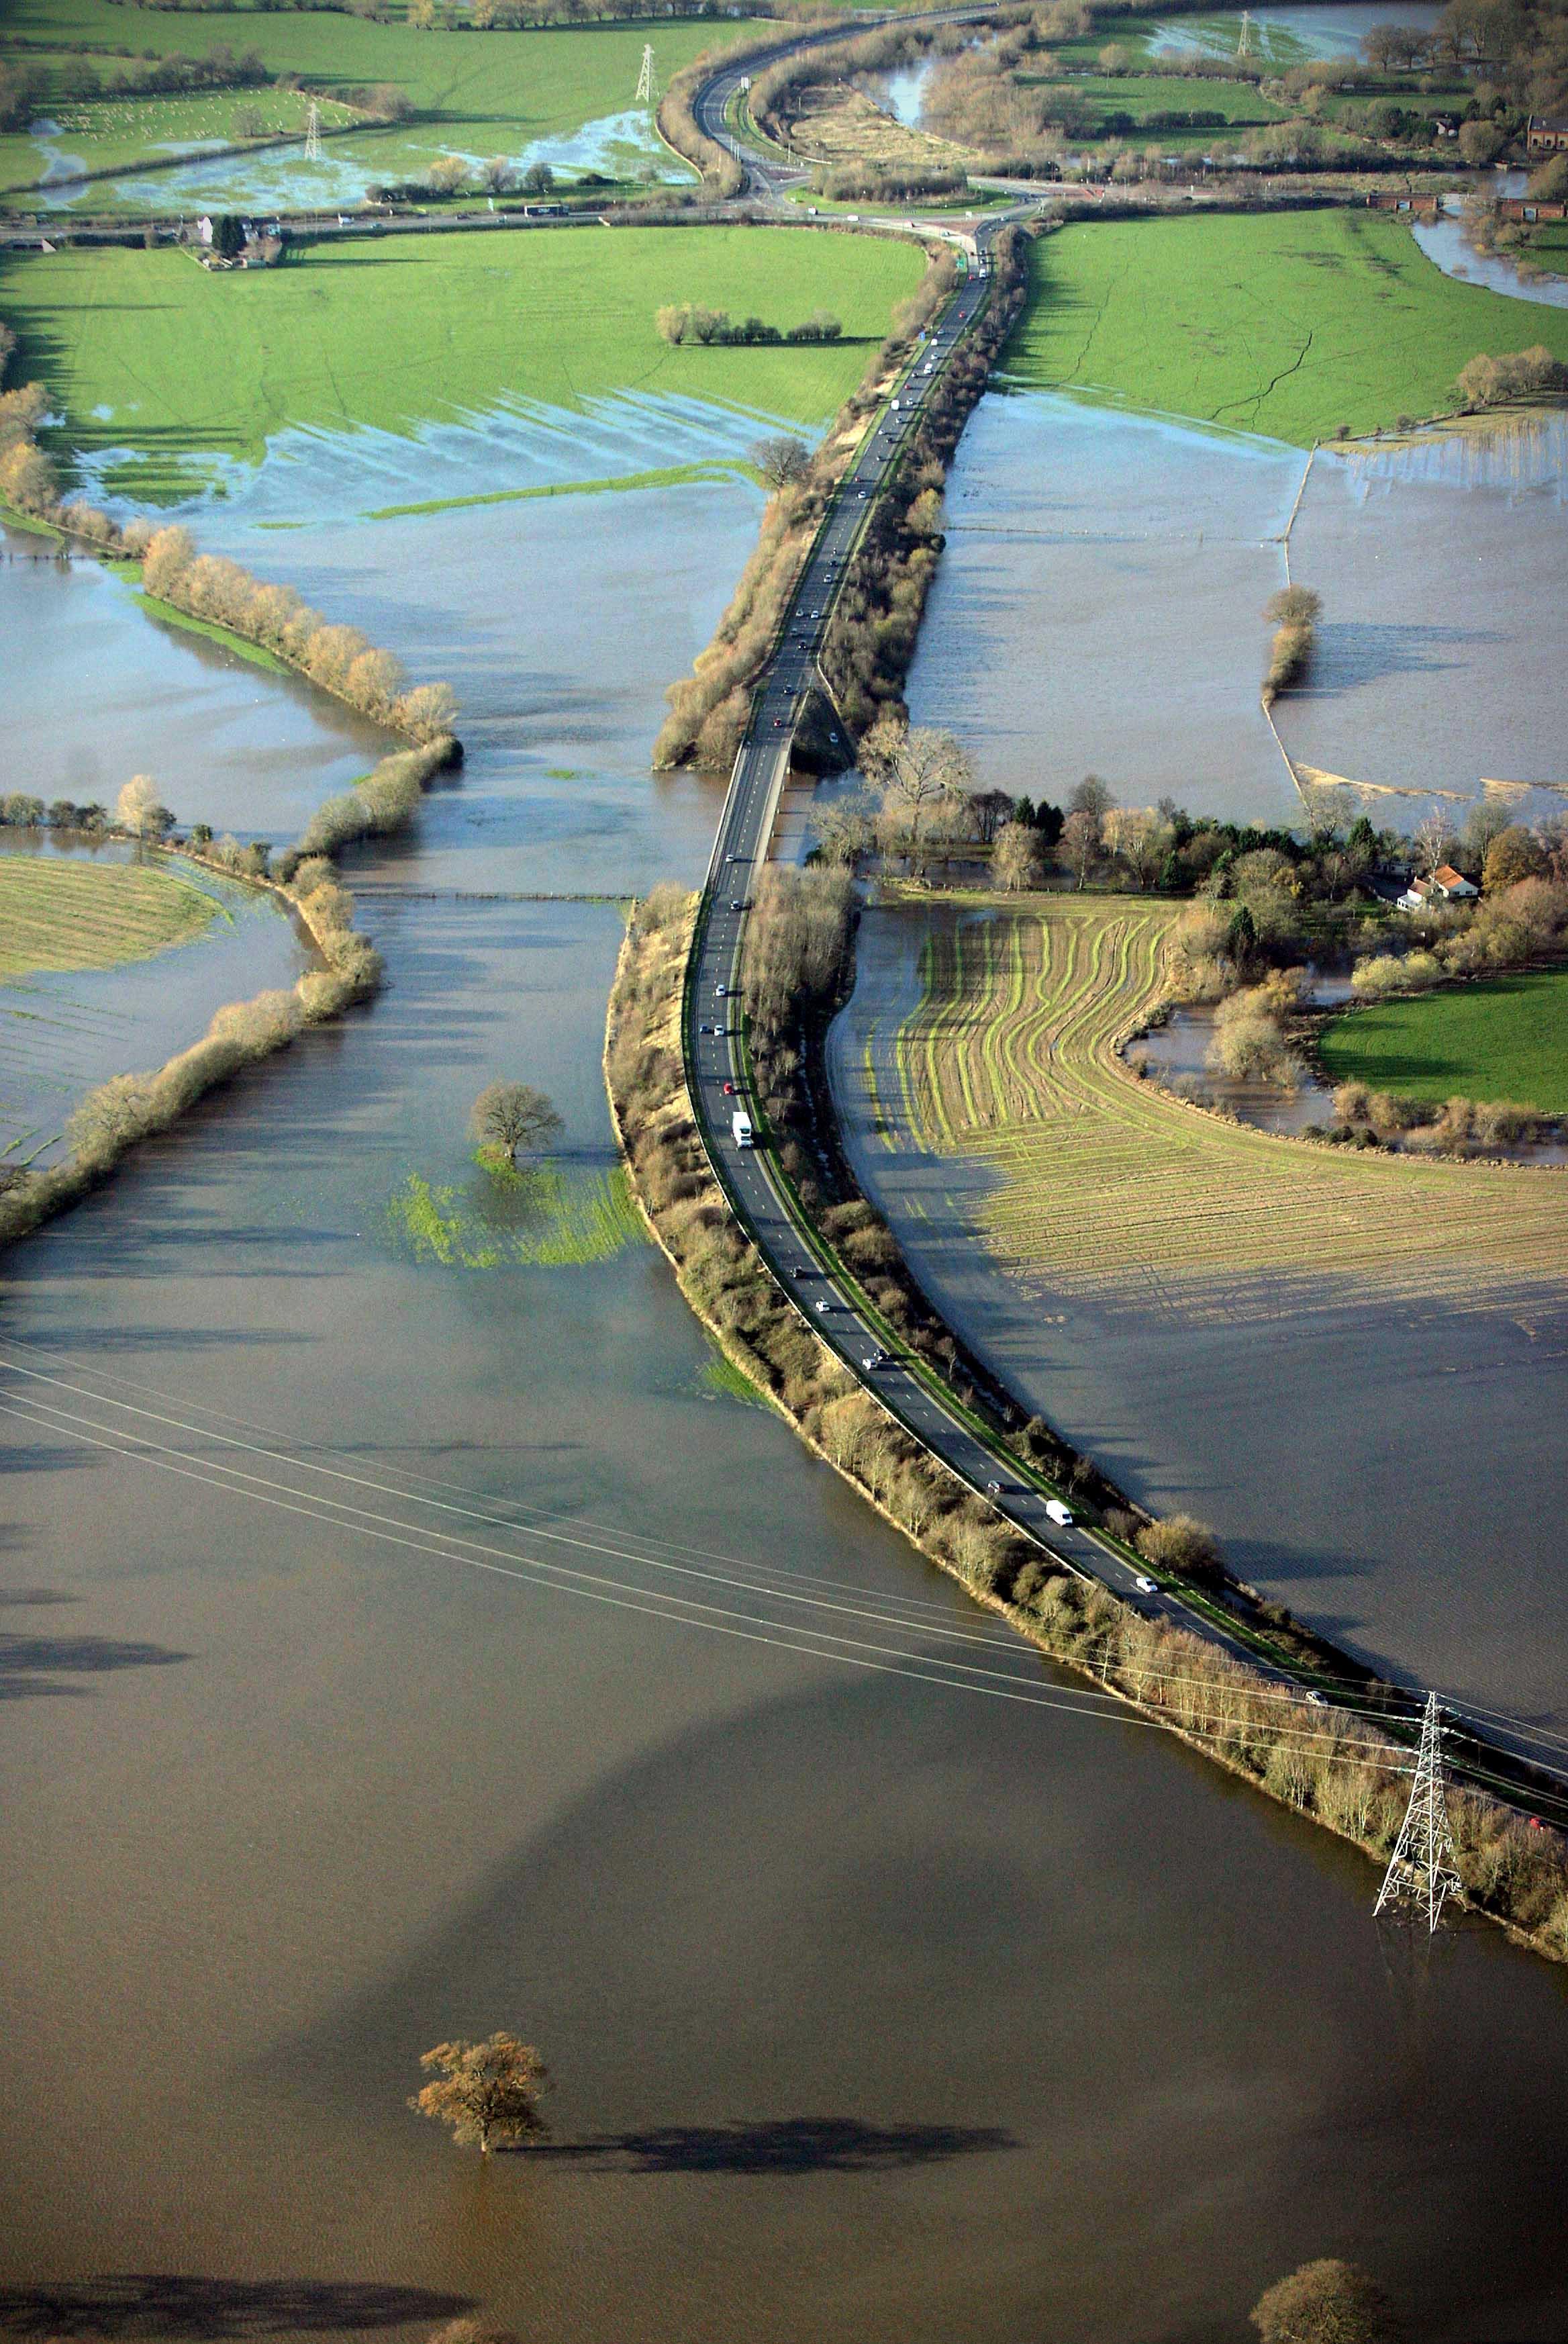 nti_Flood_Aerials_17.JPG